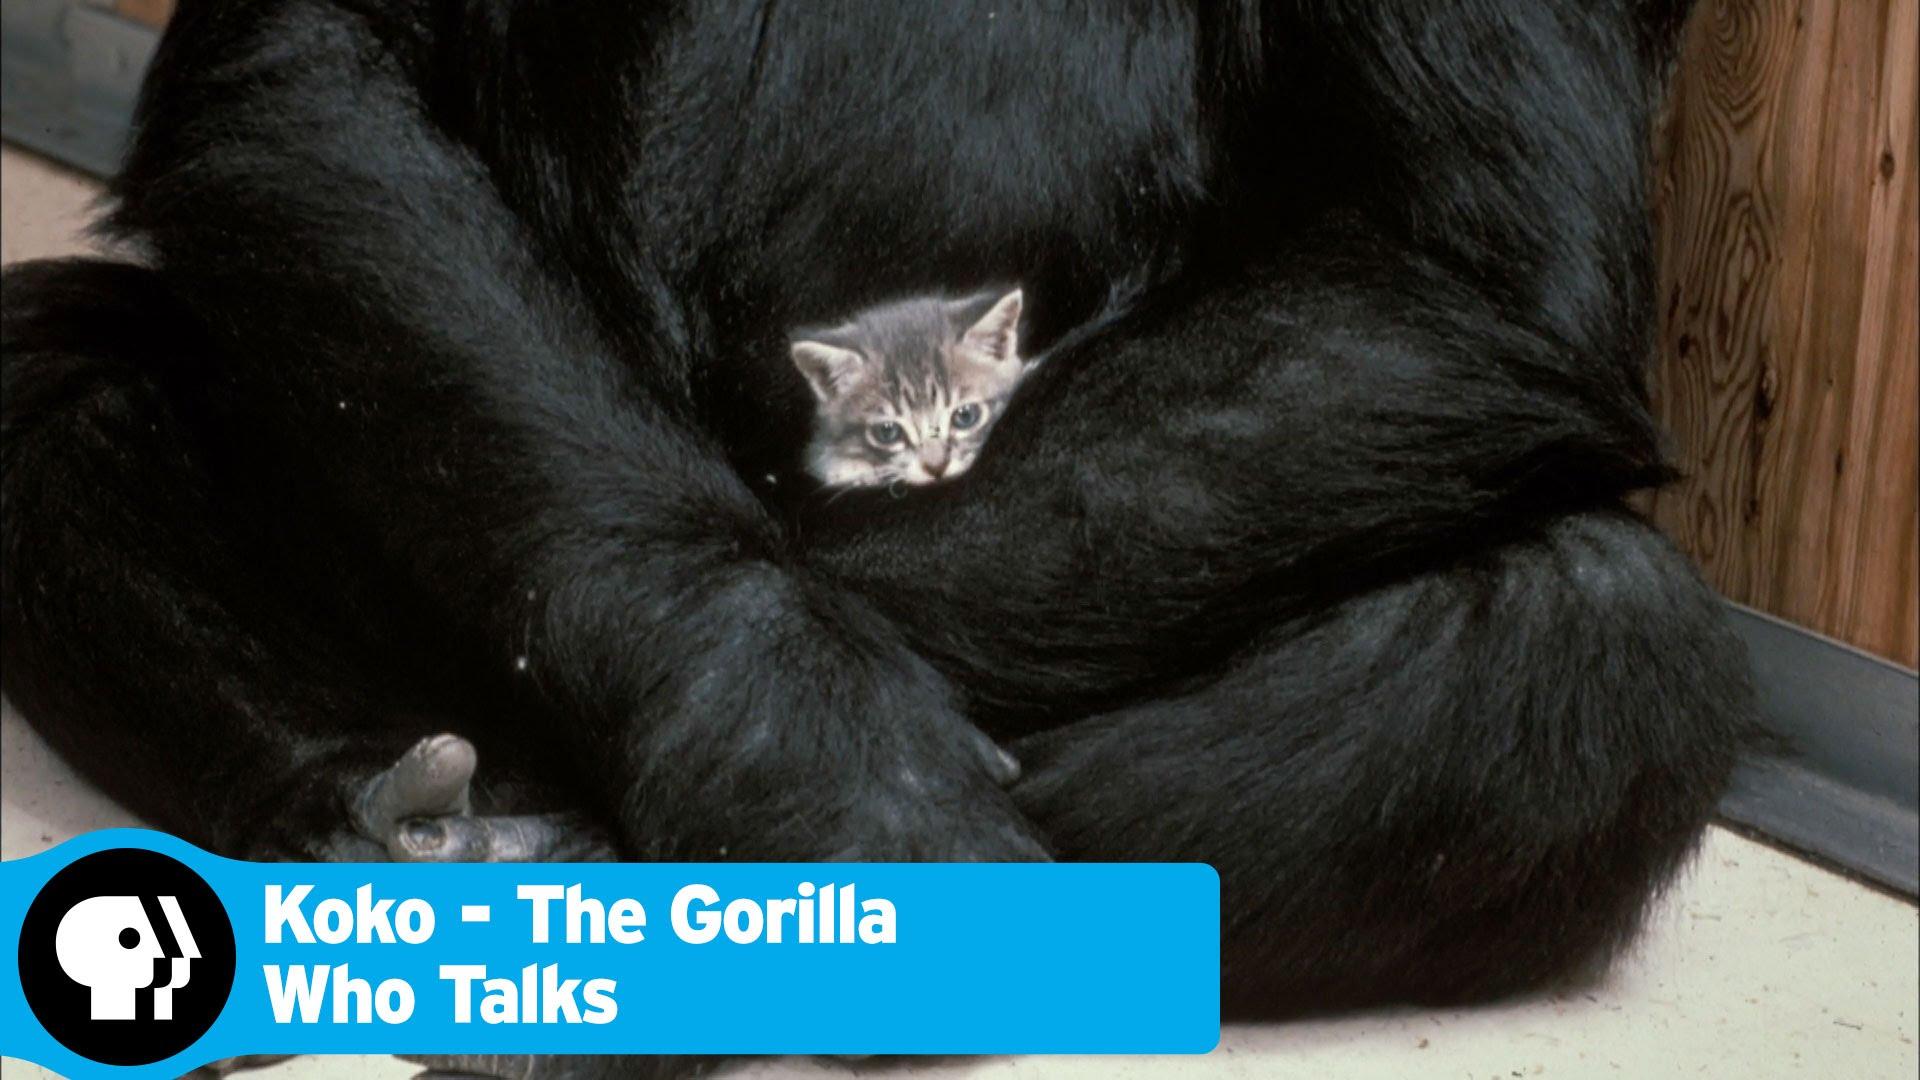 STAL SE ZÁZRAK: Tahle gorila umí mluvit znakovou řečí